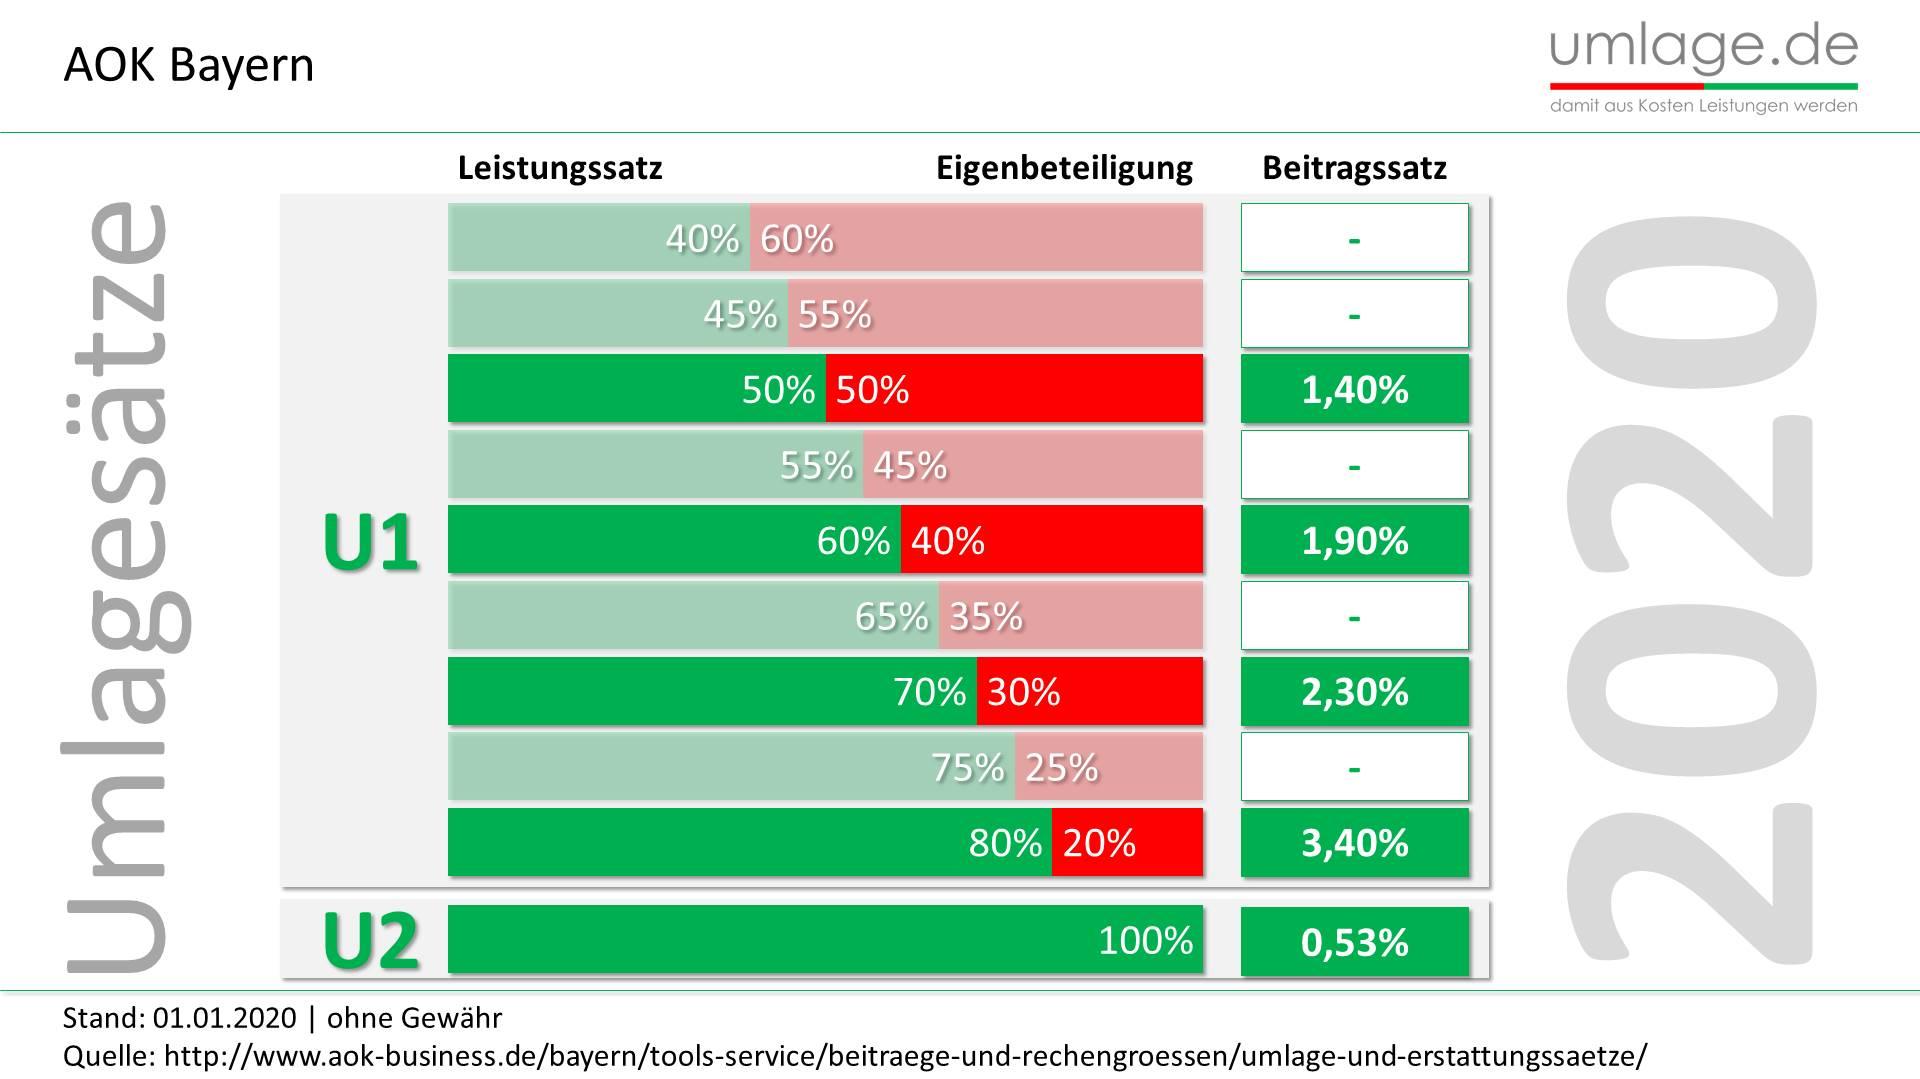 AOK Bayern Umlagesätze 2020 aktuell